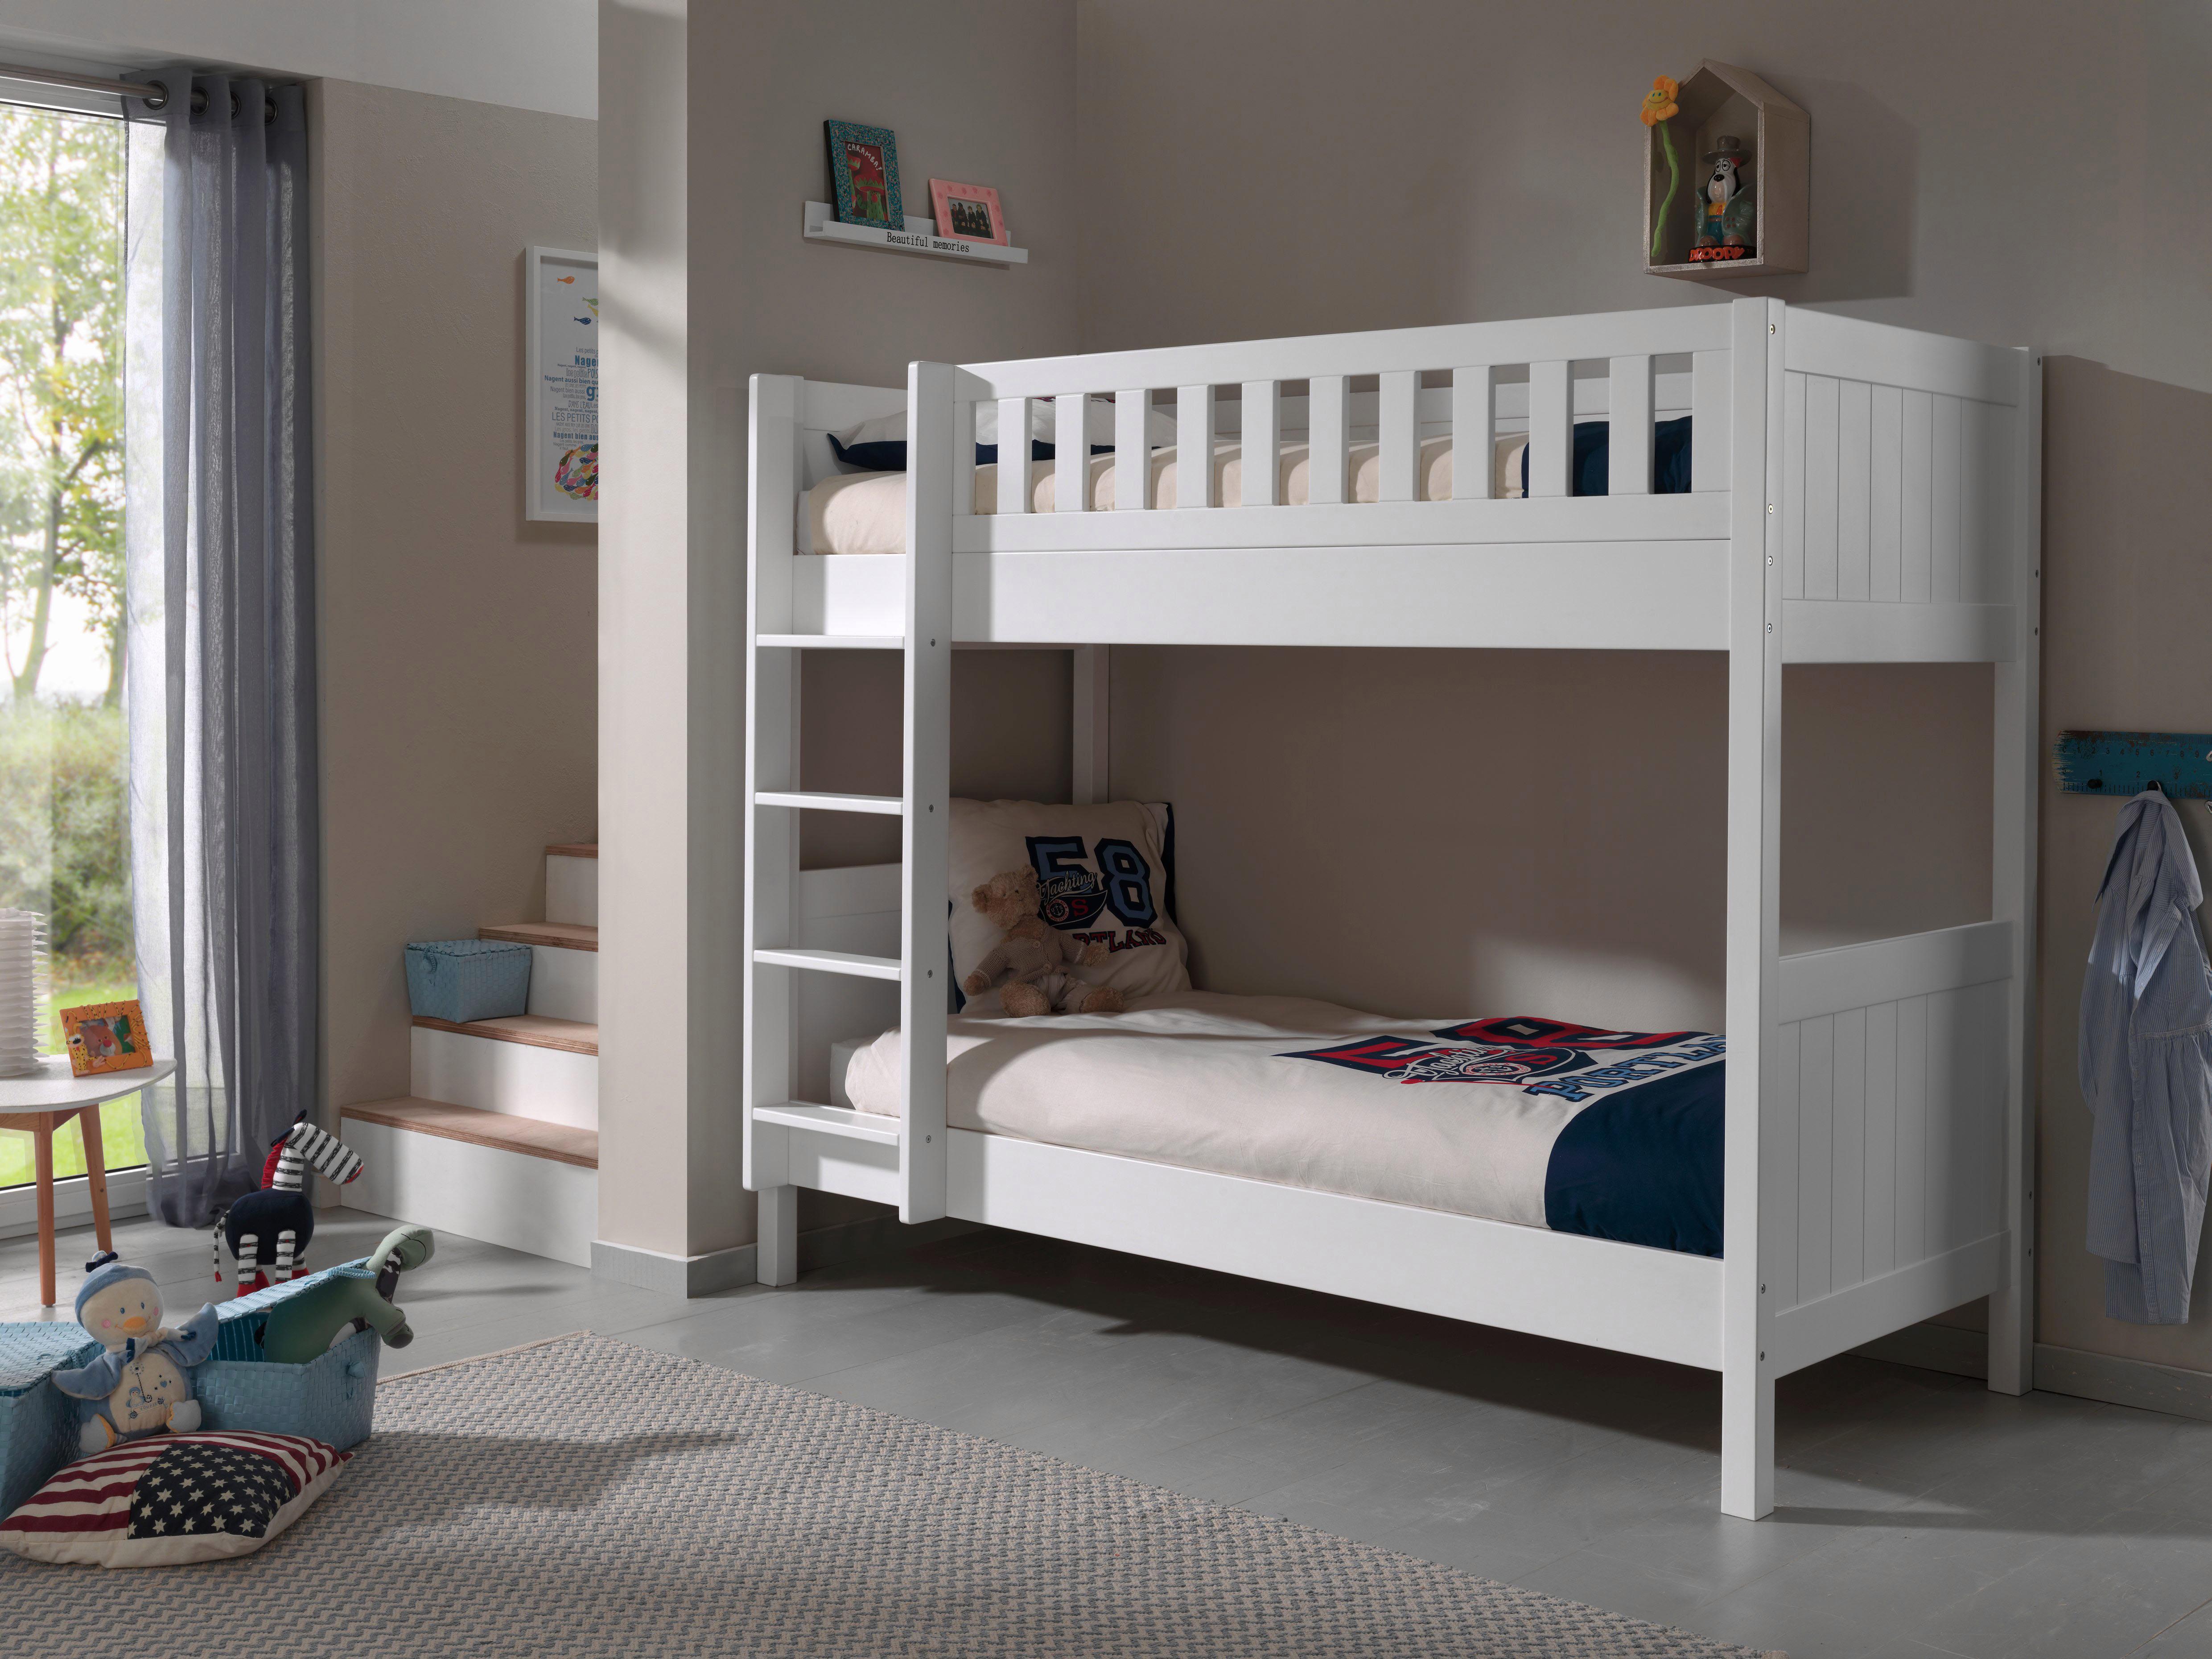 Quelle Etagenbett : White mdf etagenbetten online kaufen möbel suchmaschine